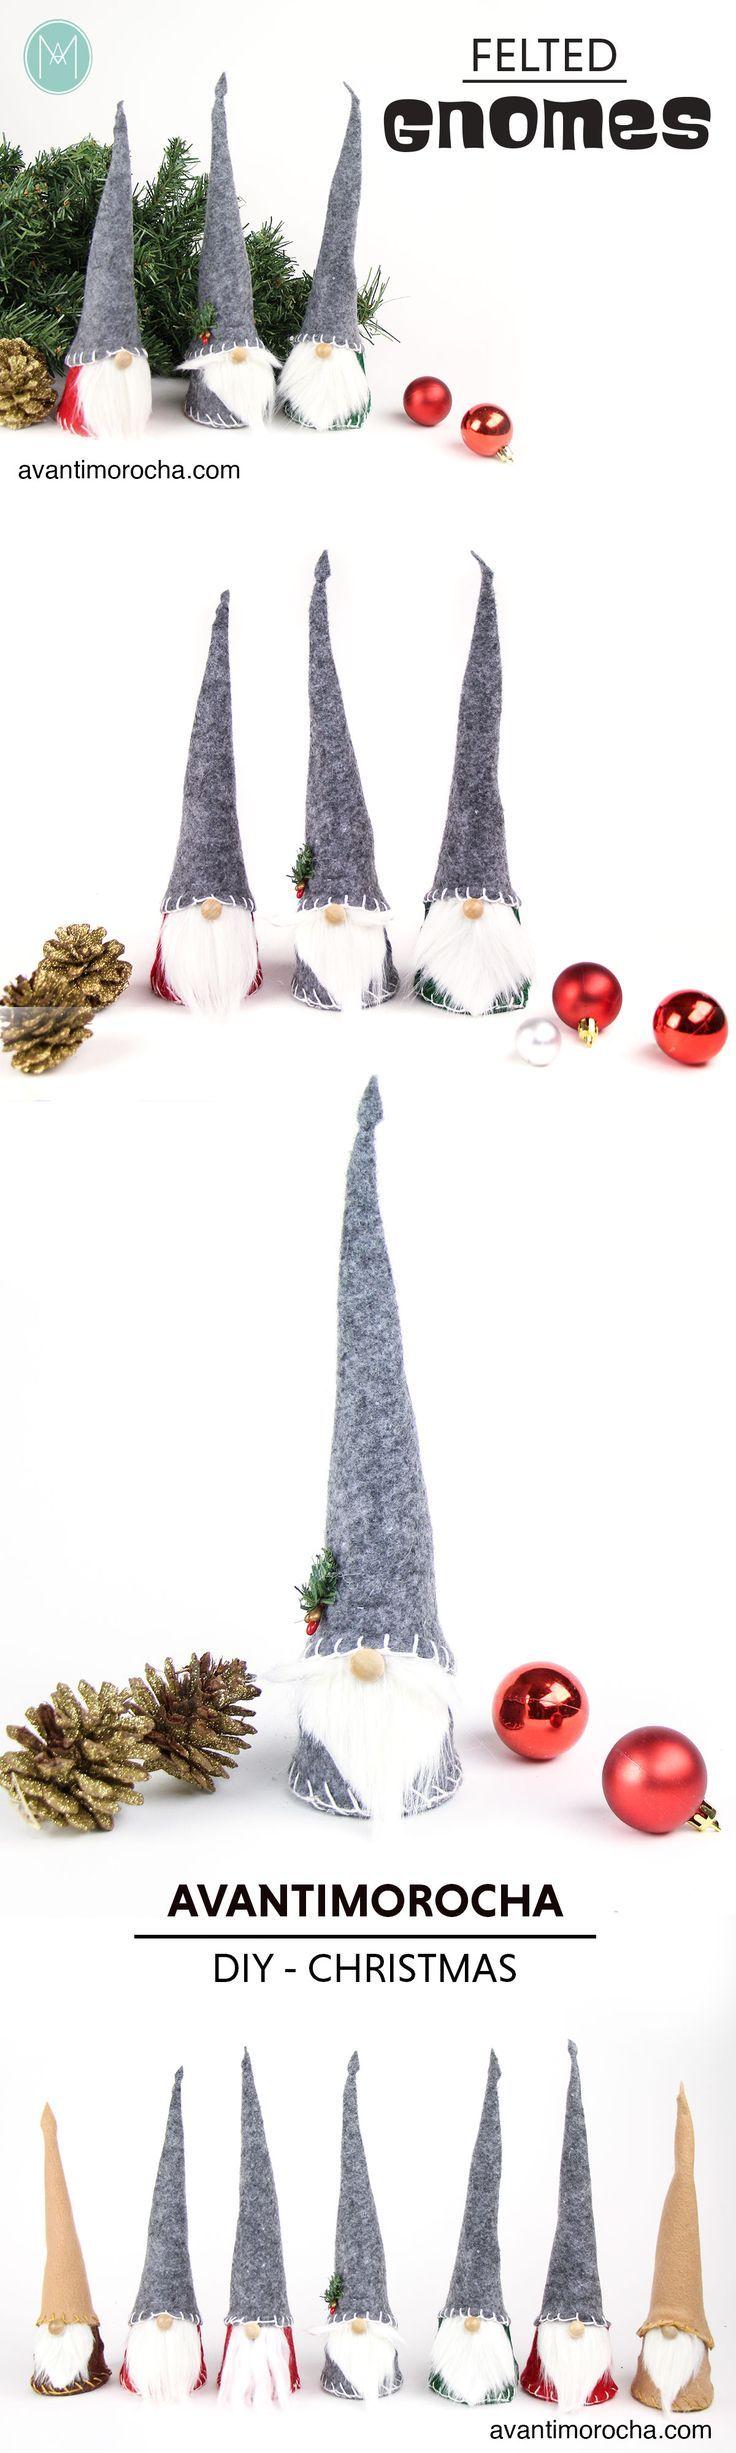 DIY Felted Gnomes – Christmas DIY | Gnomos de Fieltro - Navidad